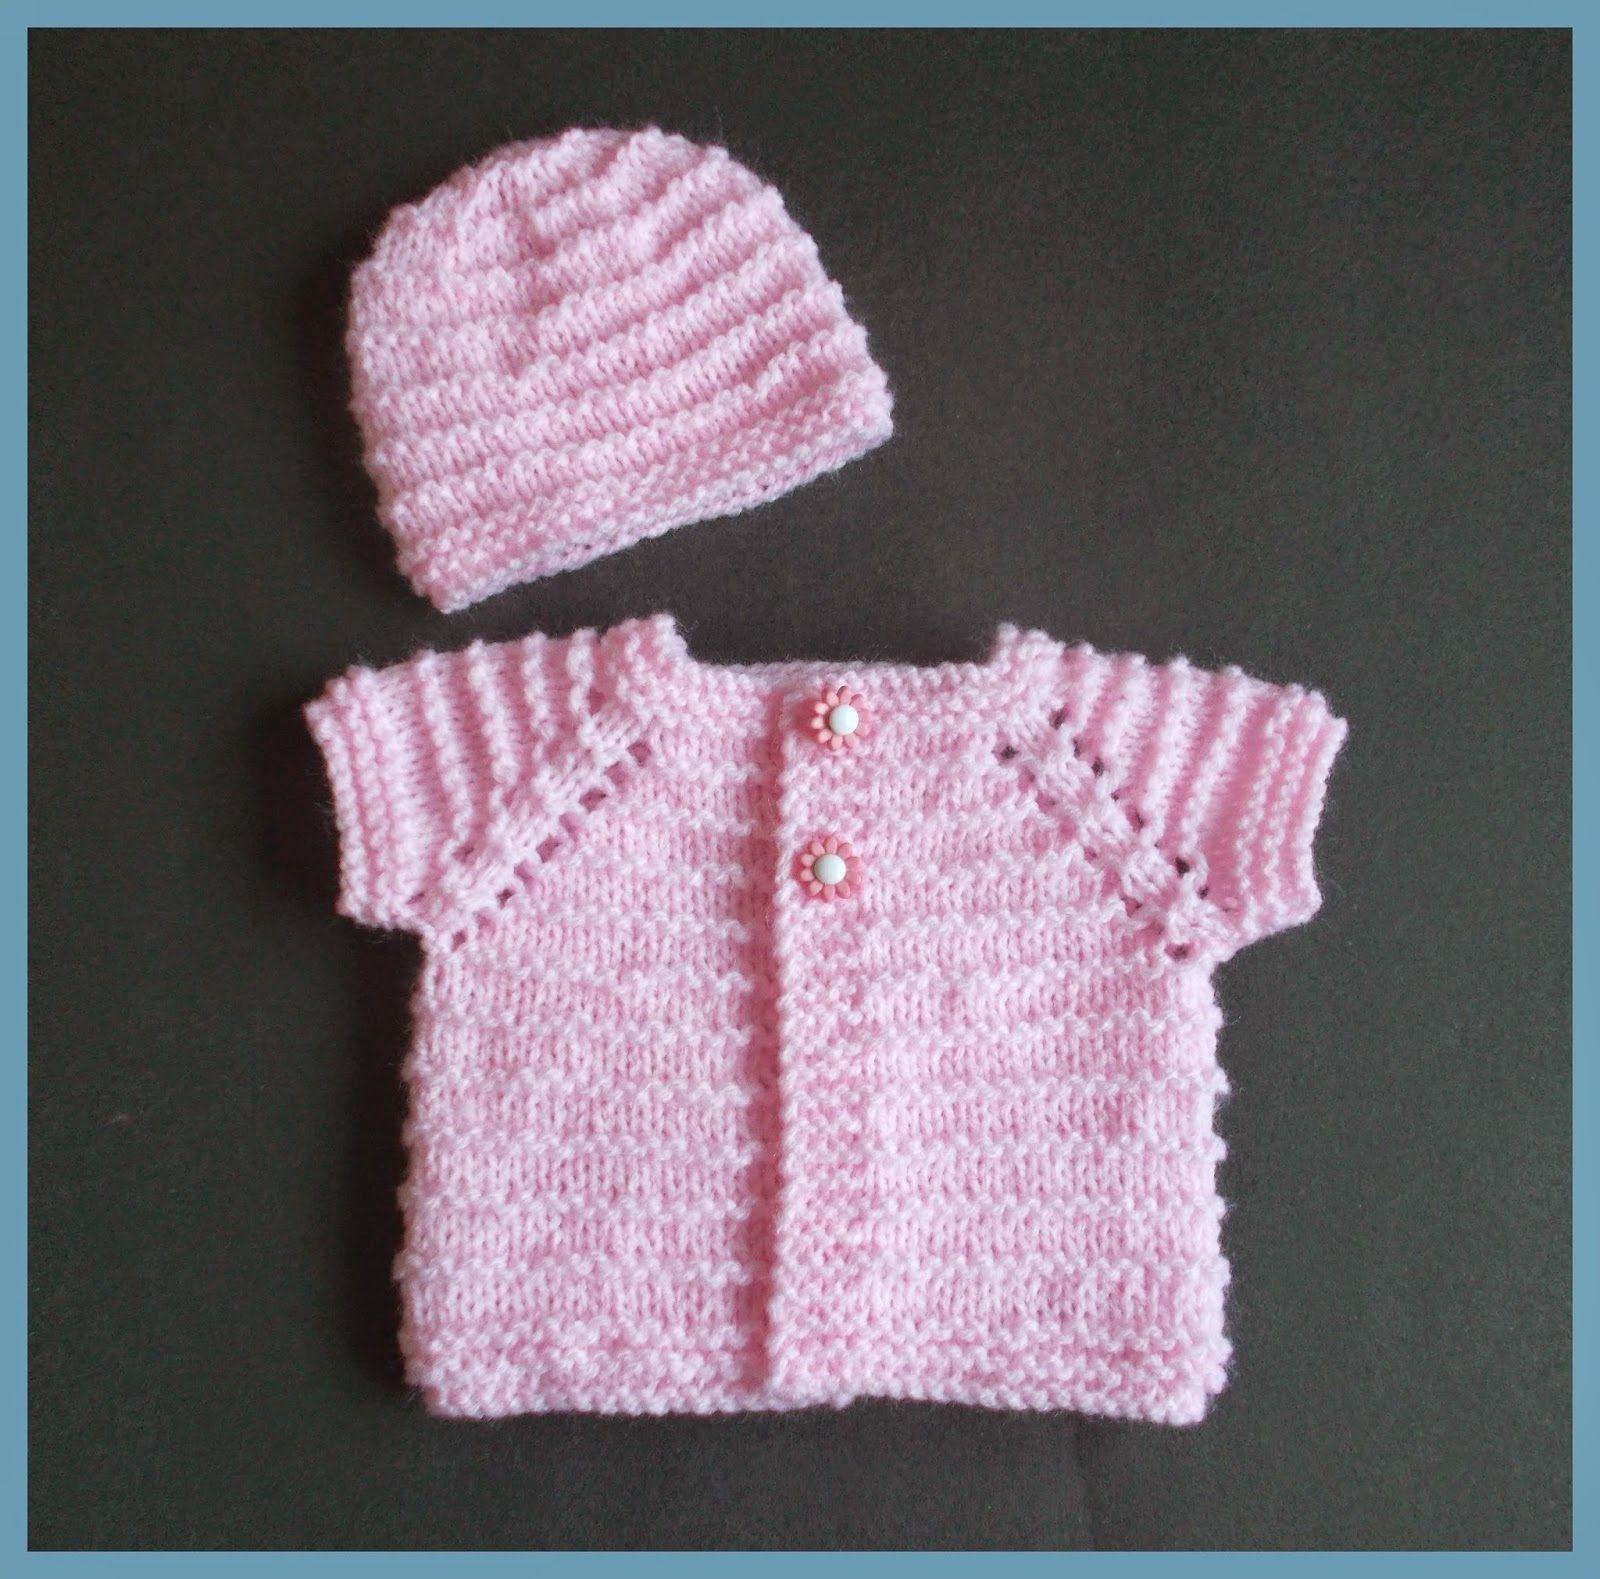 Mariannas lazy daisy days premature baby kinzie baby top and mariannas lazy daisy days premature baby kinzie baby top and hat dt1010fo